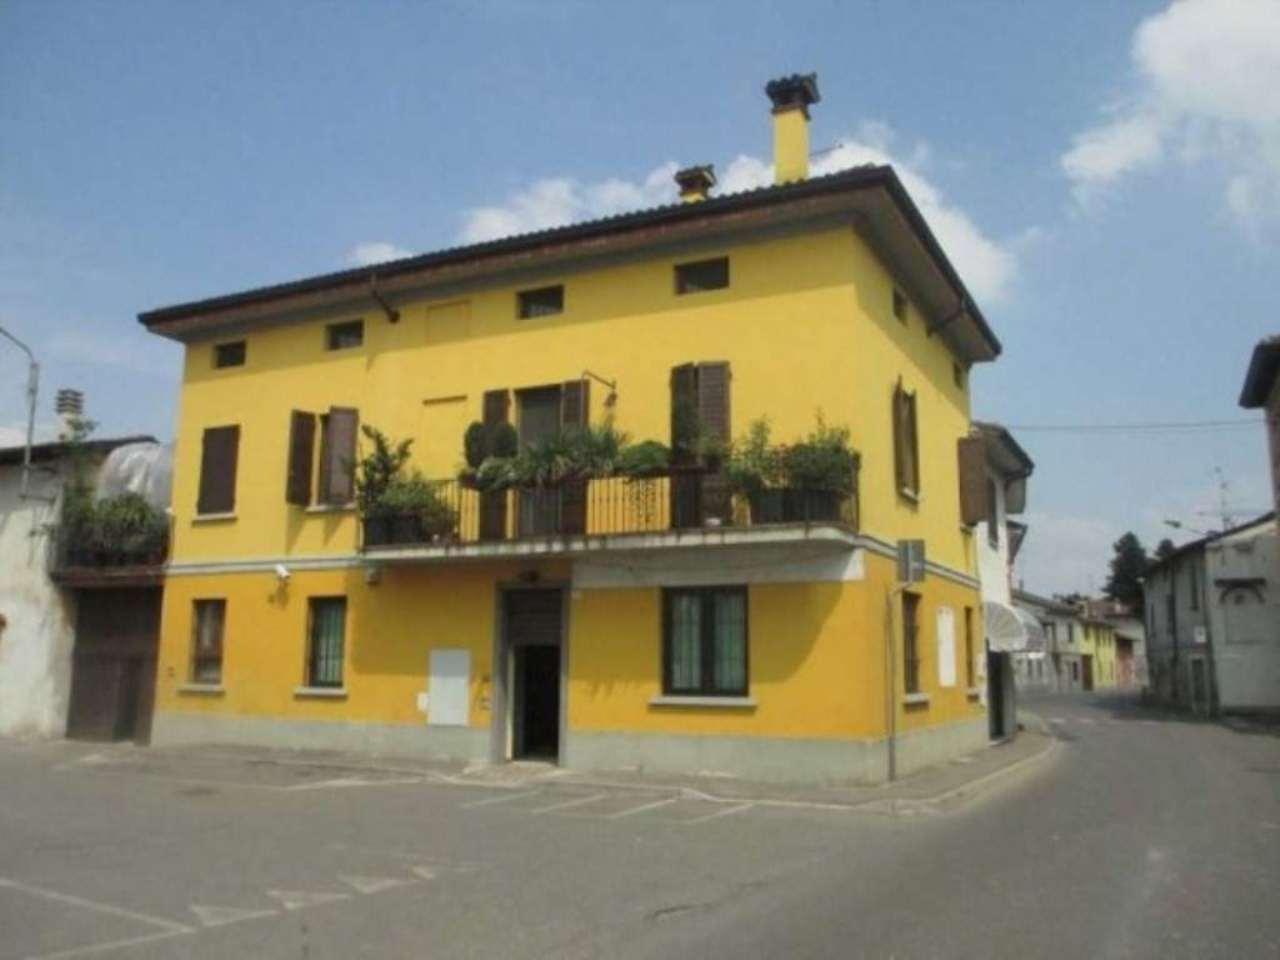 Ufficio / Studio in affitto a Annicco, 4 locali, prezzo € 600 | Cambio Casa.it